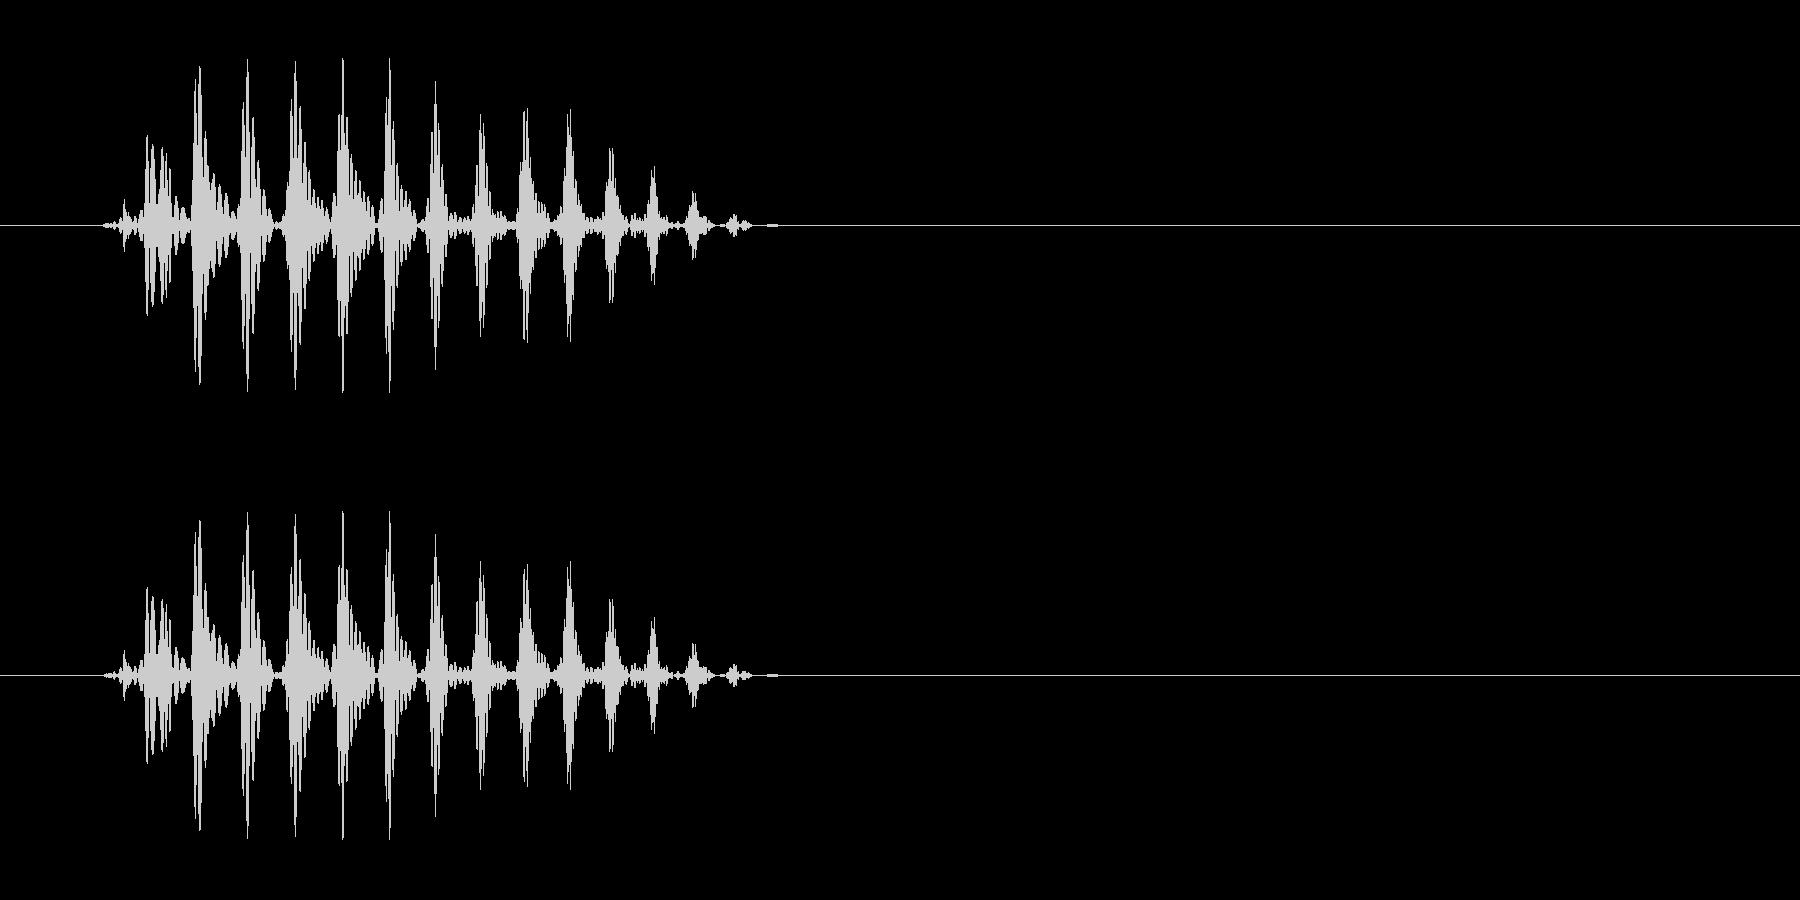 パッという短くて可愛らしい音の未再生の波形